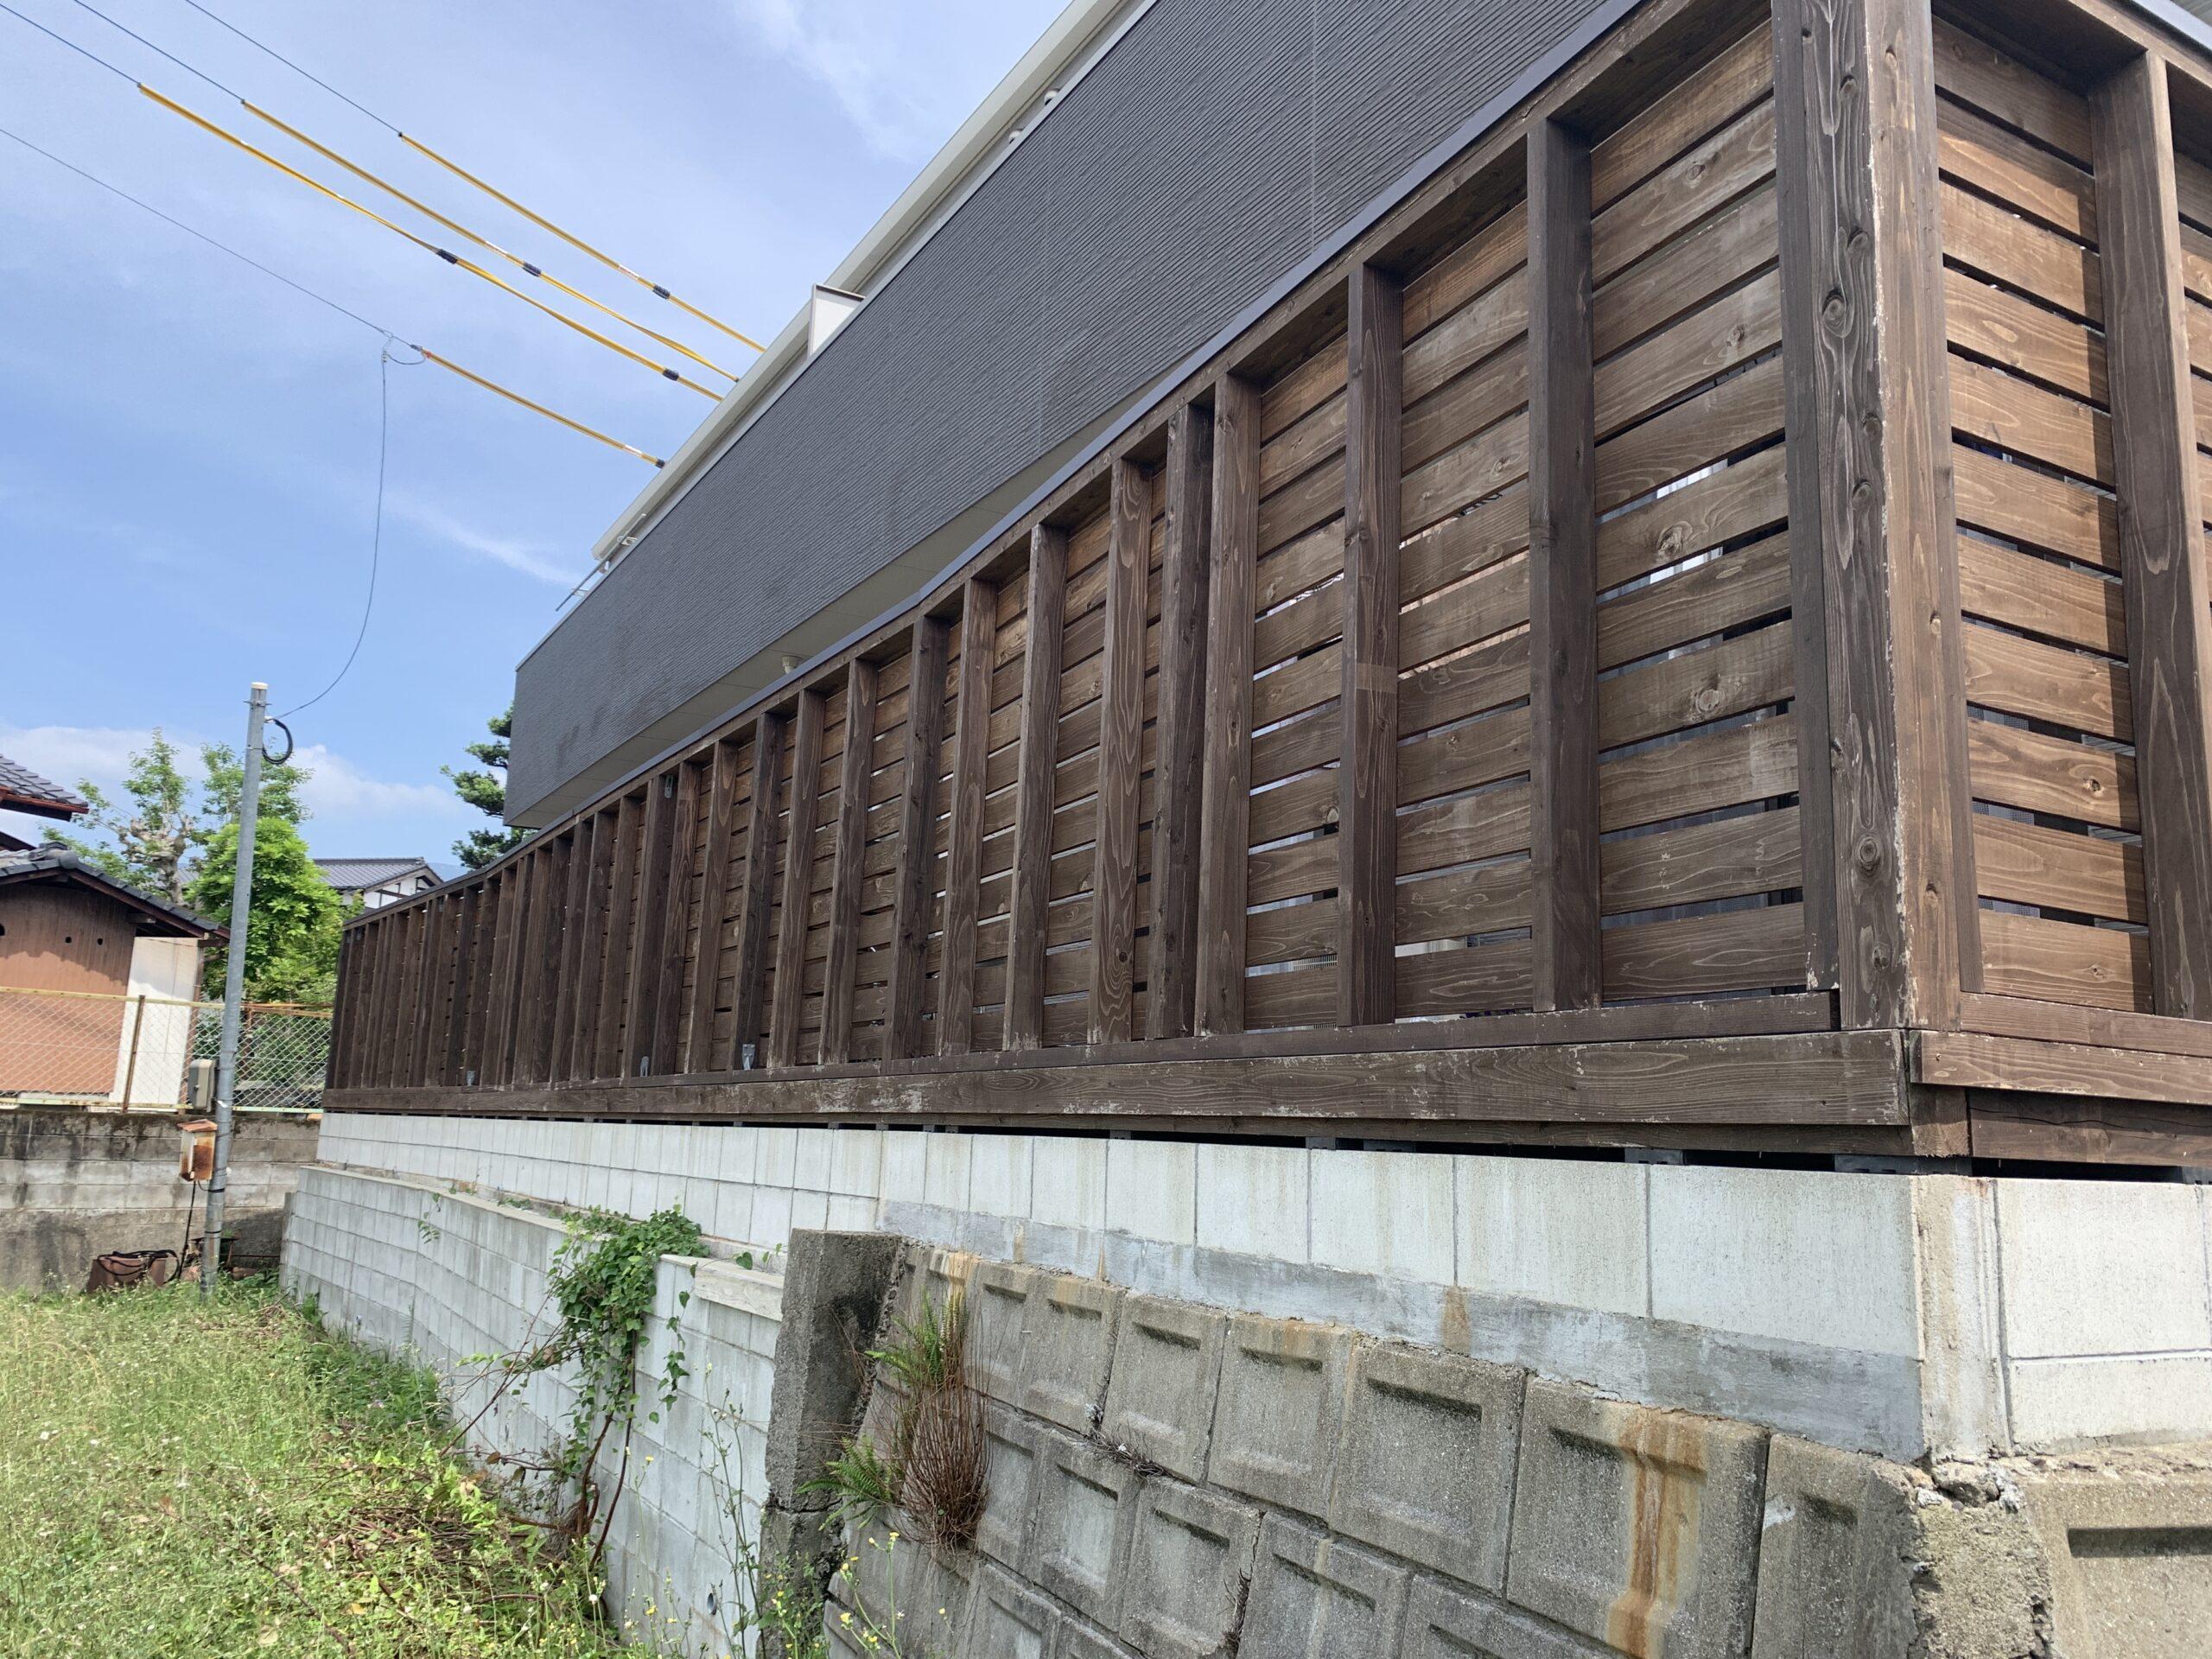 ウッドデッキ 佐賀市 外壁塗装 中津隈 サニー建設商事